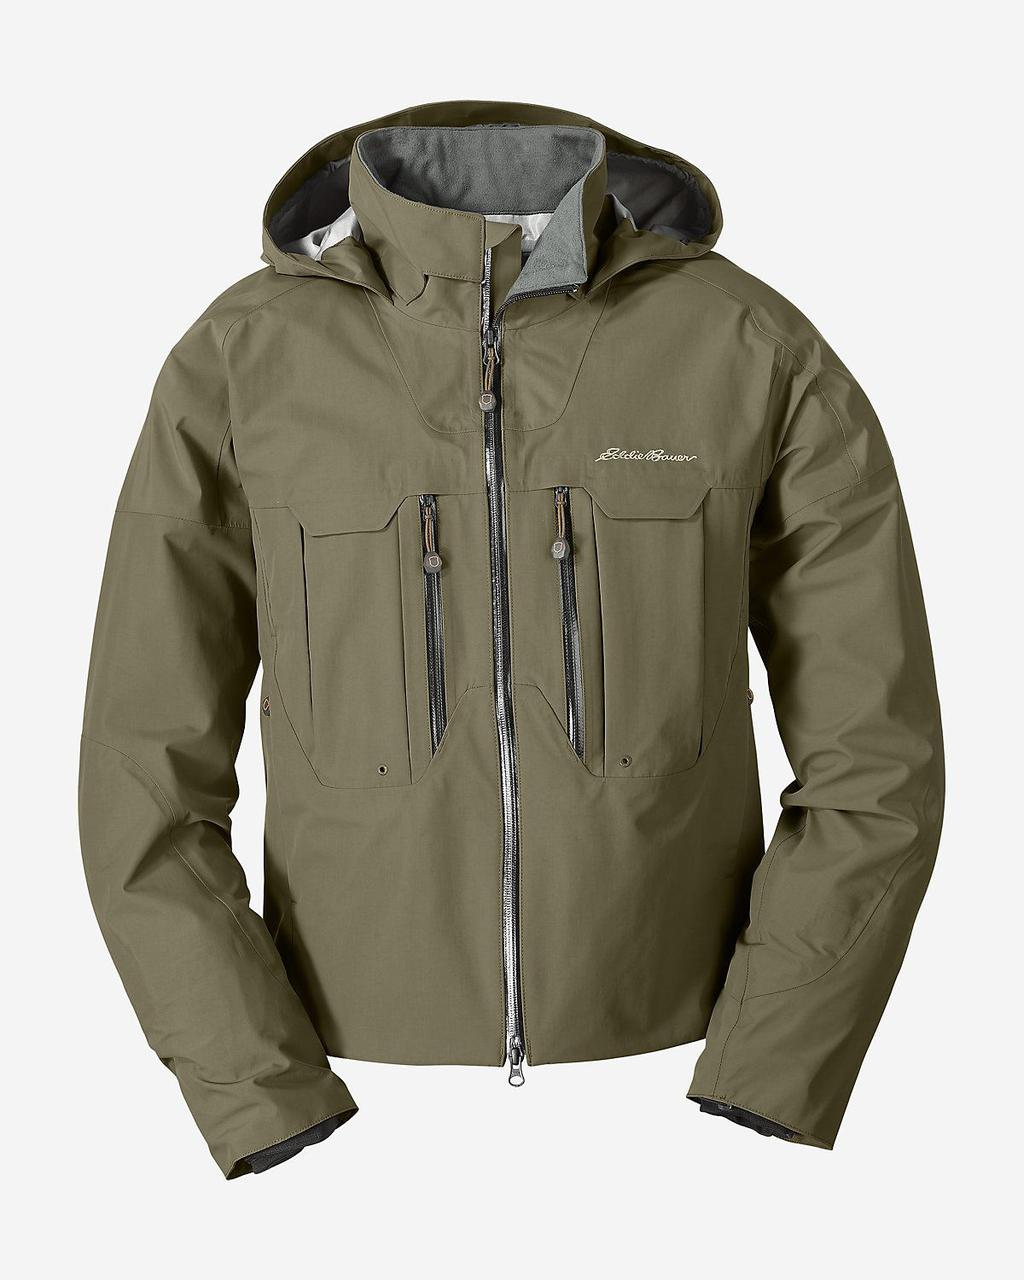 Мембранная куртка мужская  Eddie Bauer Mens Immersion Wading Jacket Guide Green